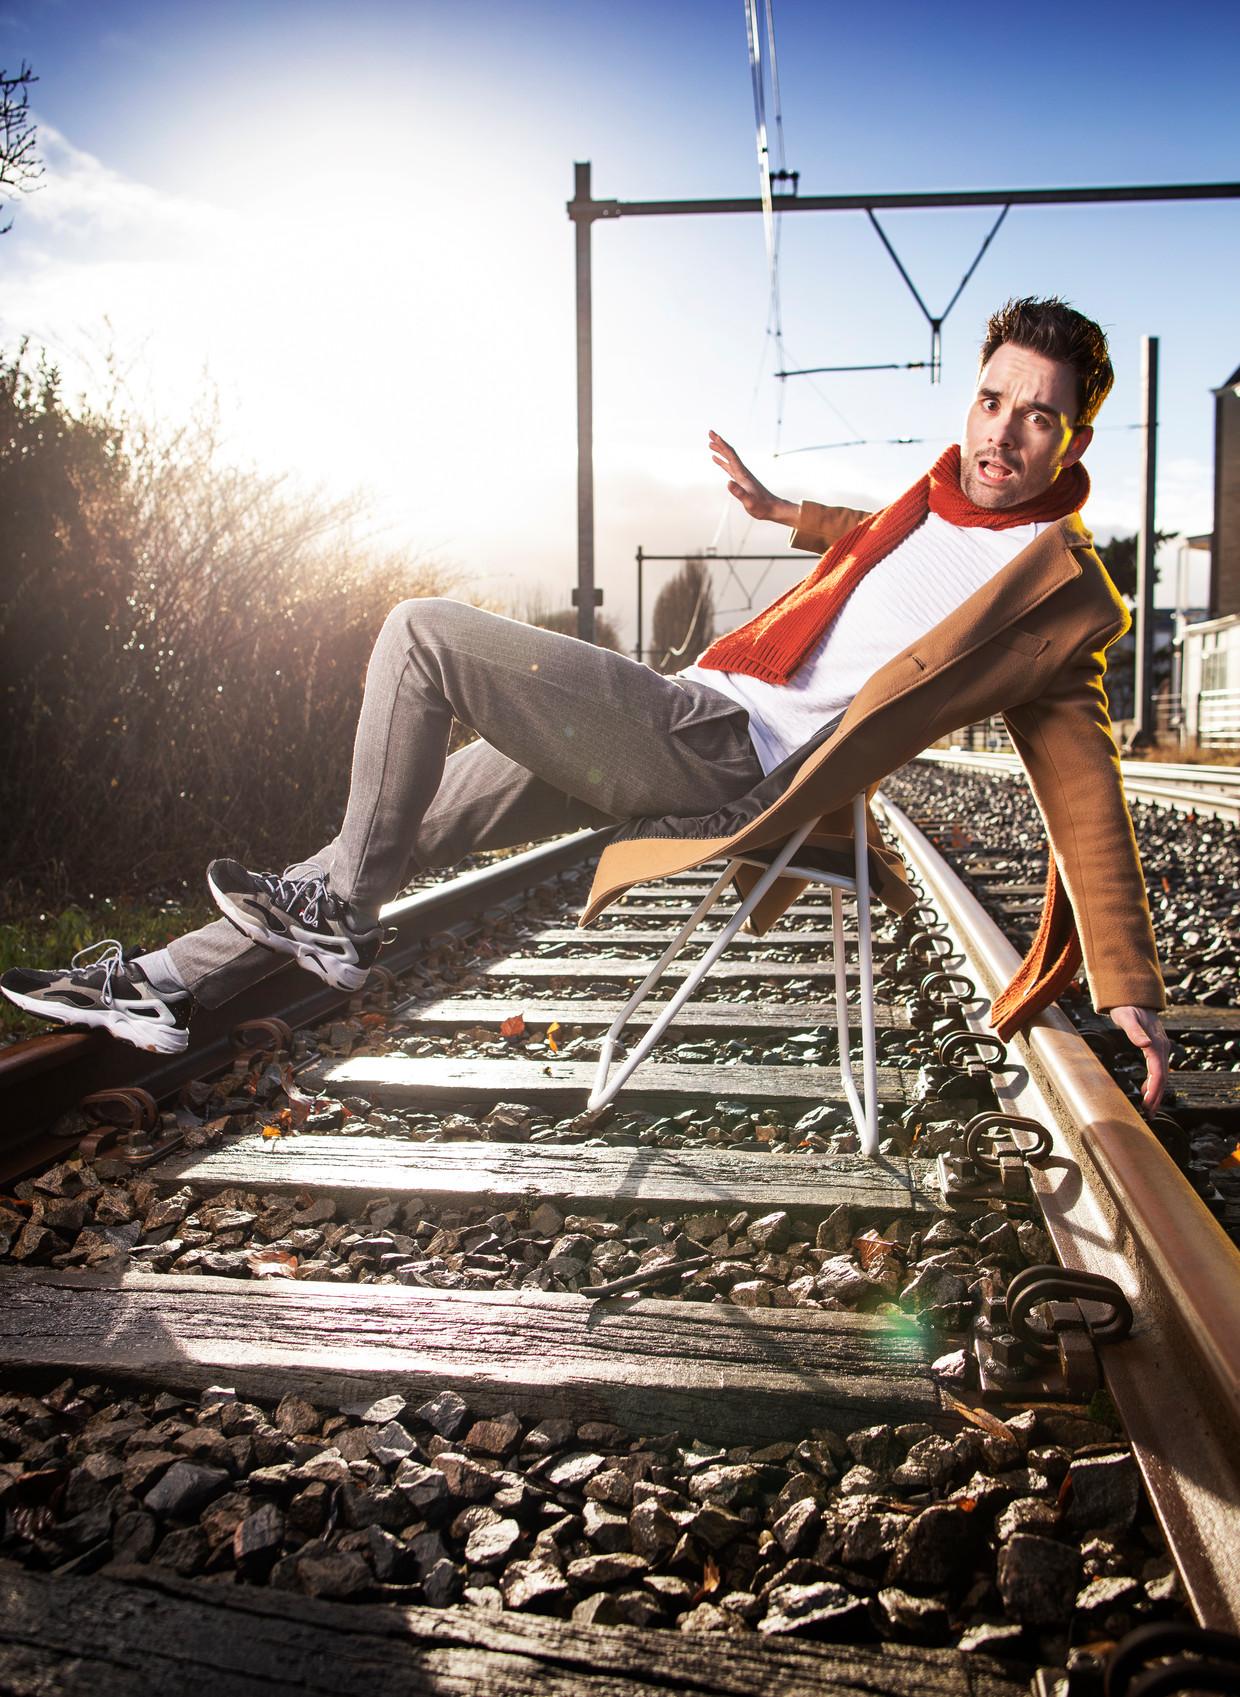 Domien Verschuuren.  (Lopen op het spoor is verboden. Deze foto is echter gemaakt op rails die niet meer in gebruik zijn.) Beeld Harmen de Jong